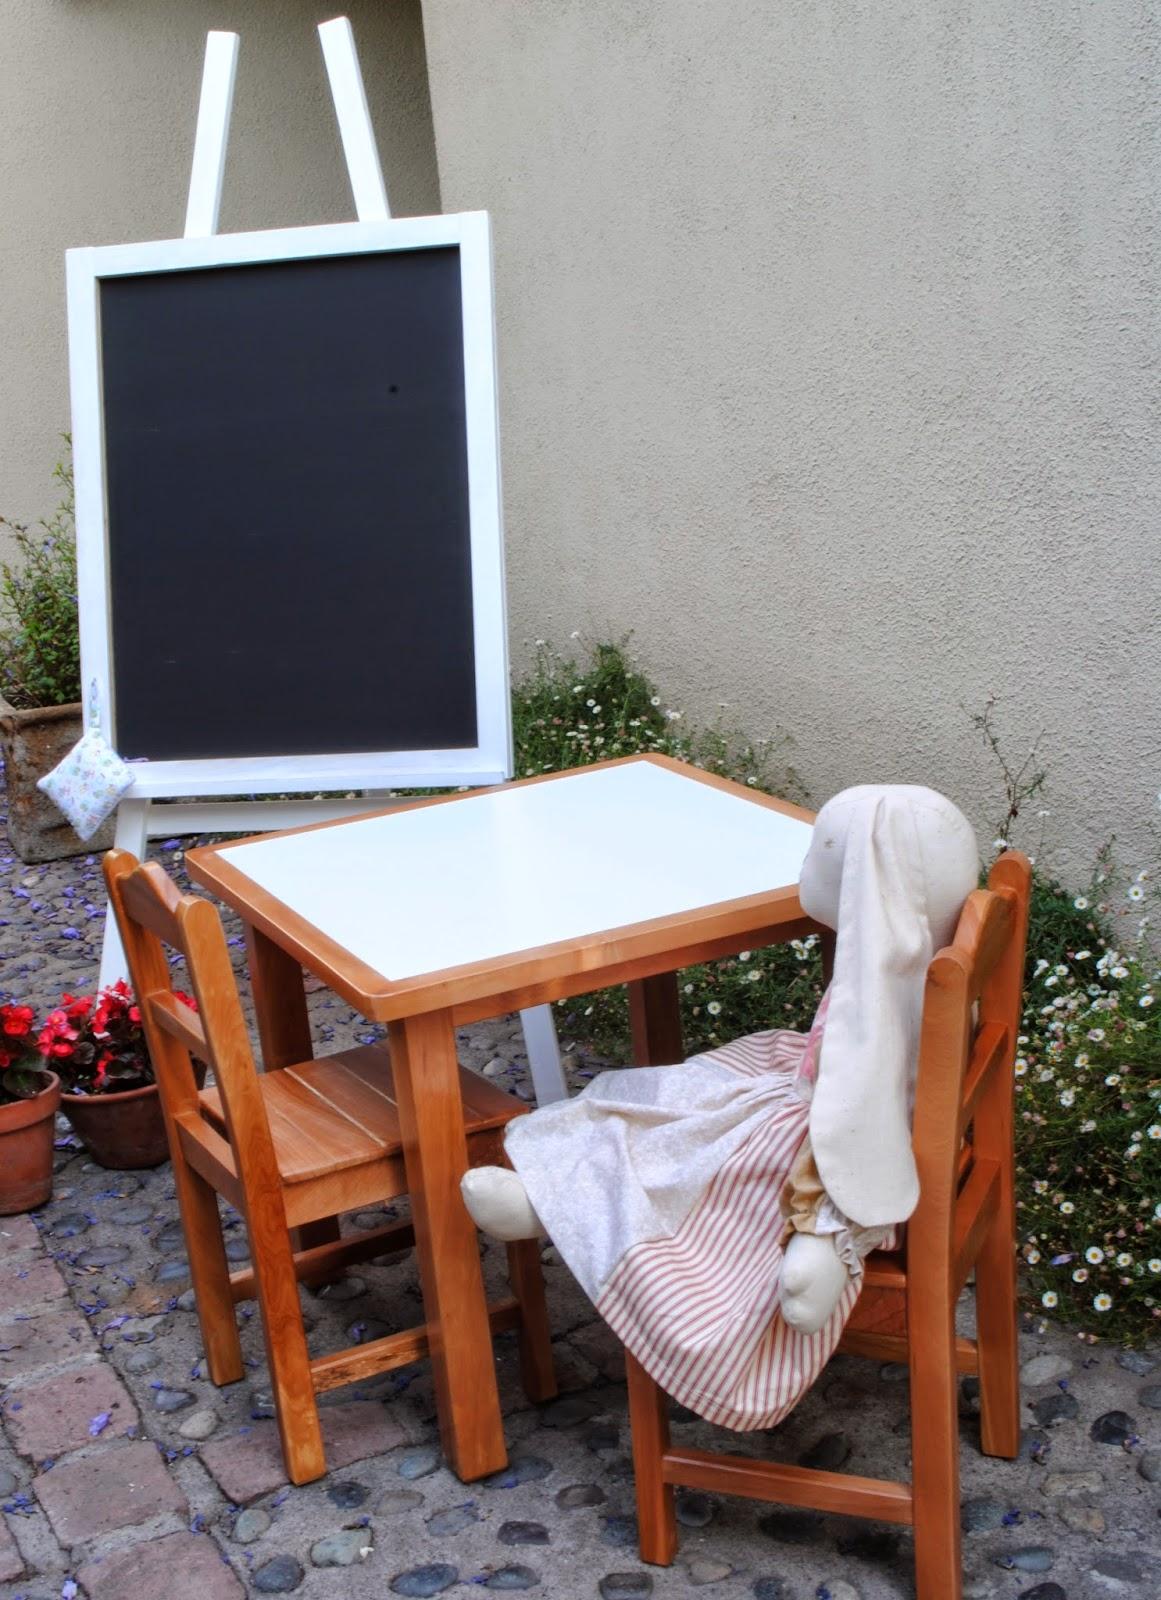 Paz montealegre decoraci n mesitas infantiles - Mesita con sillas infantiles ...